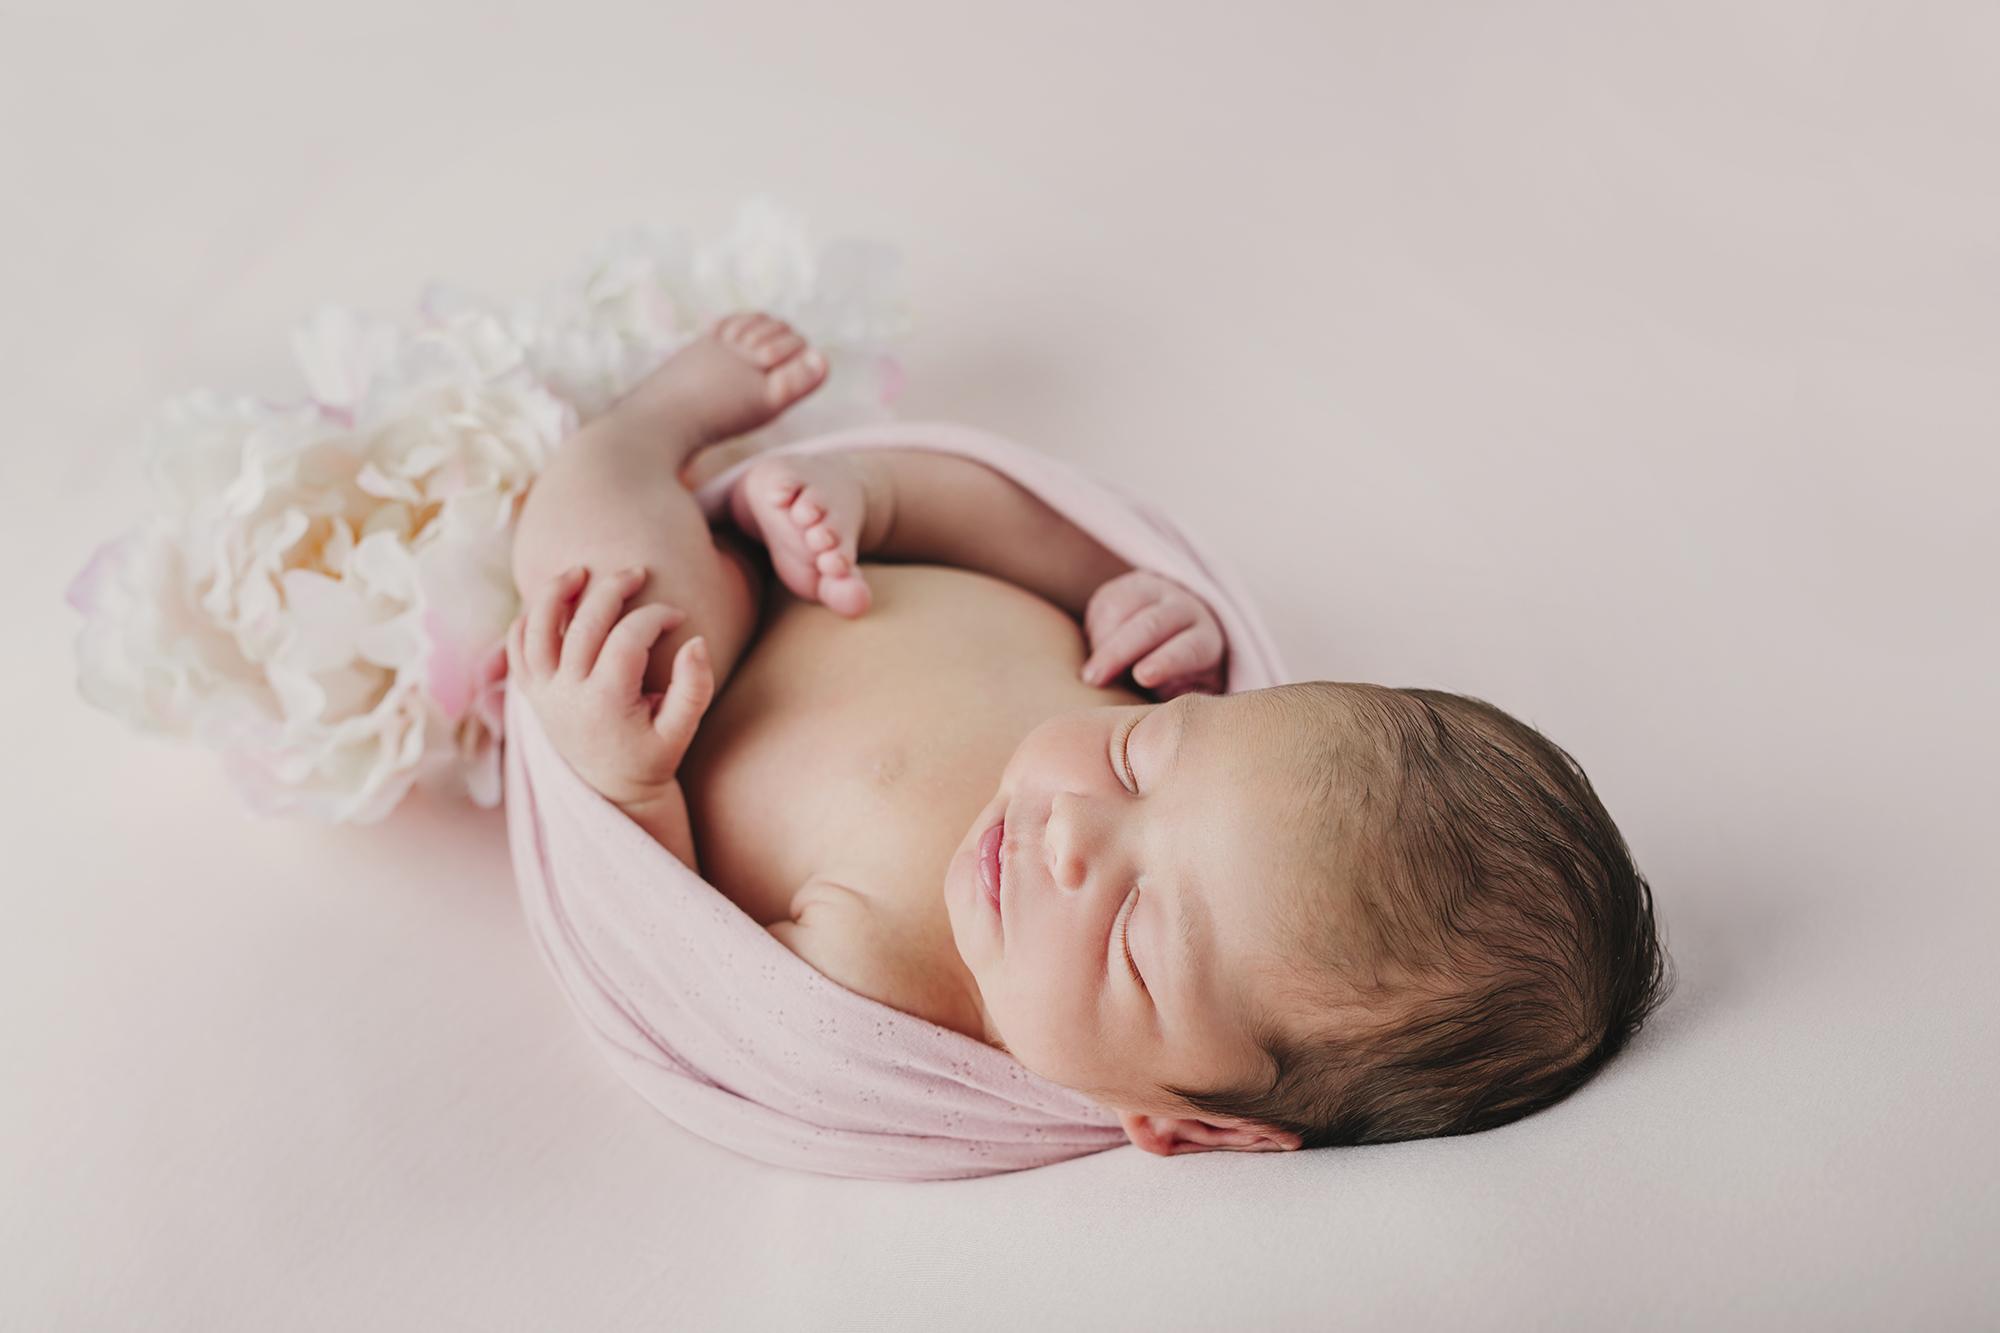 bebé recien nacido, fotos de recien nacido en estudio, primeros días del bebé, fotos de recien nacido con papás en estudio